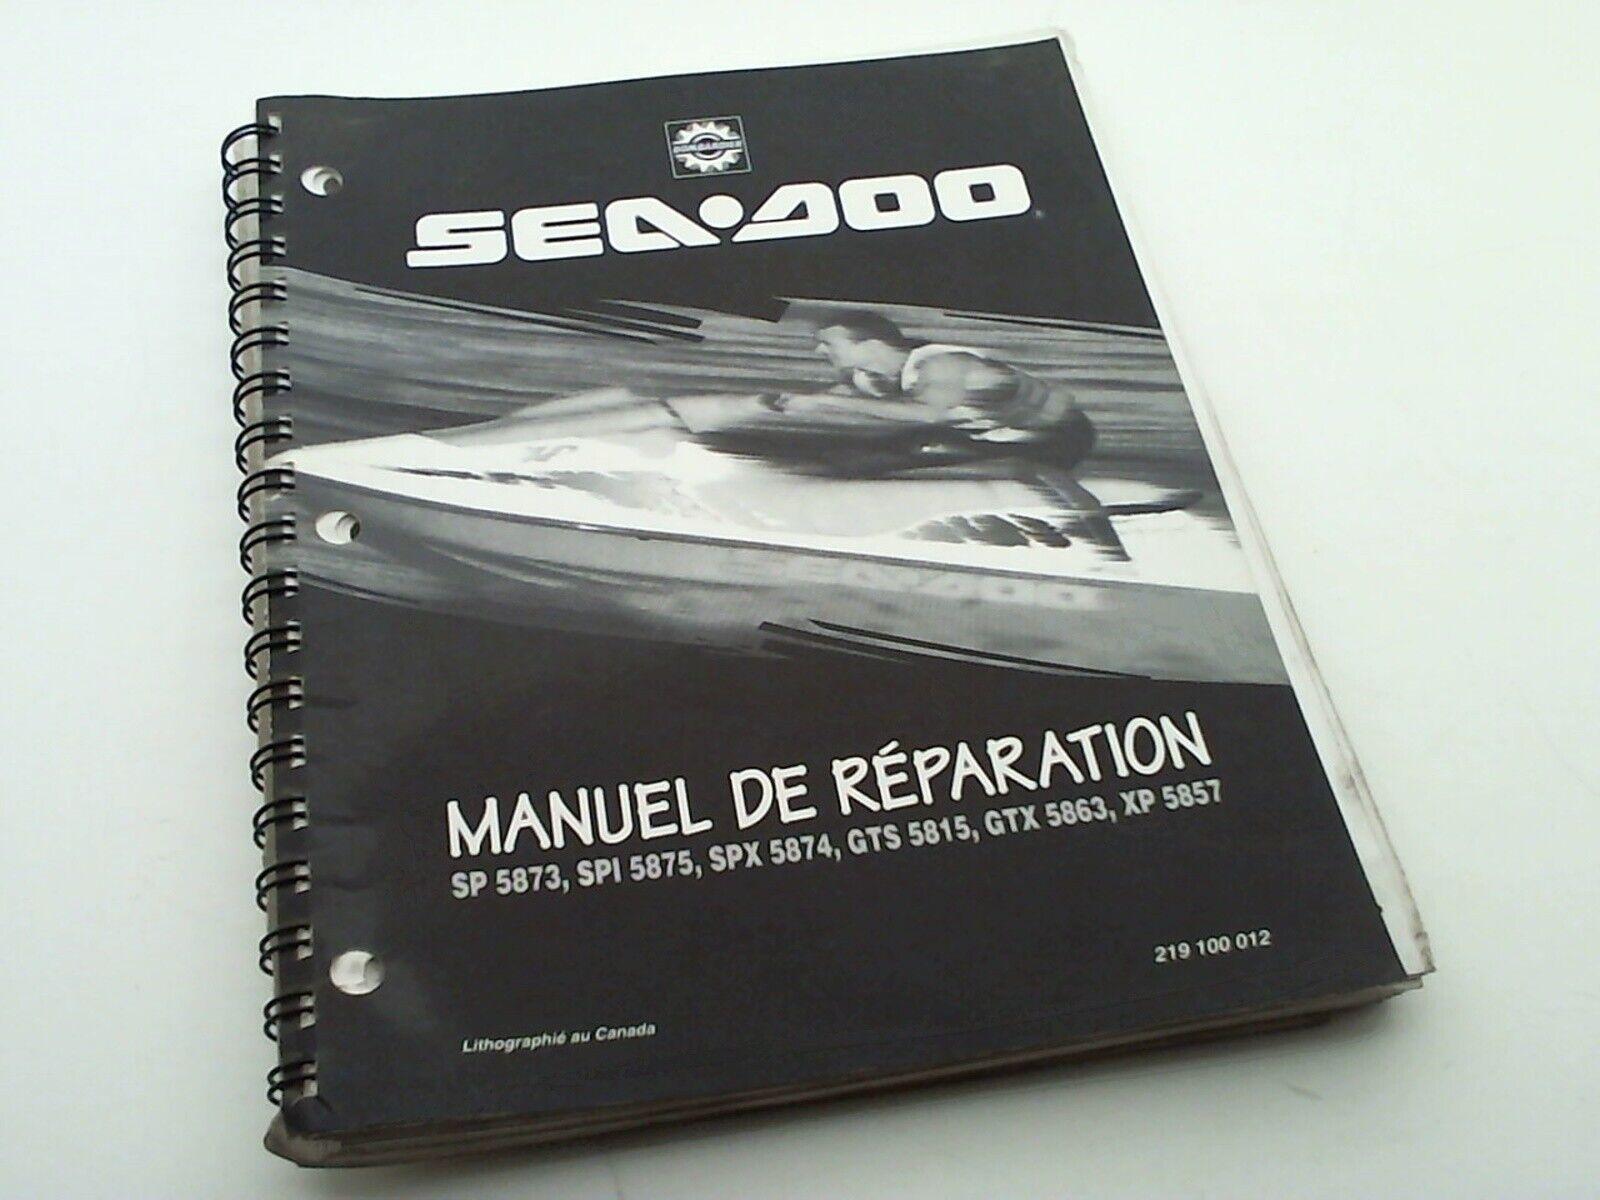 manuel technique atelier entretien jet sea-doo bombardier 1995 voir description